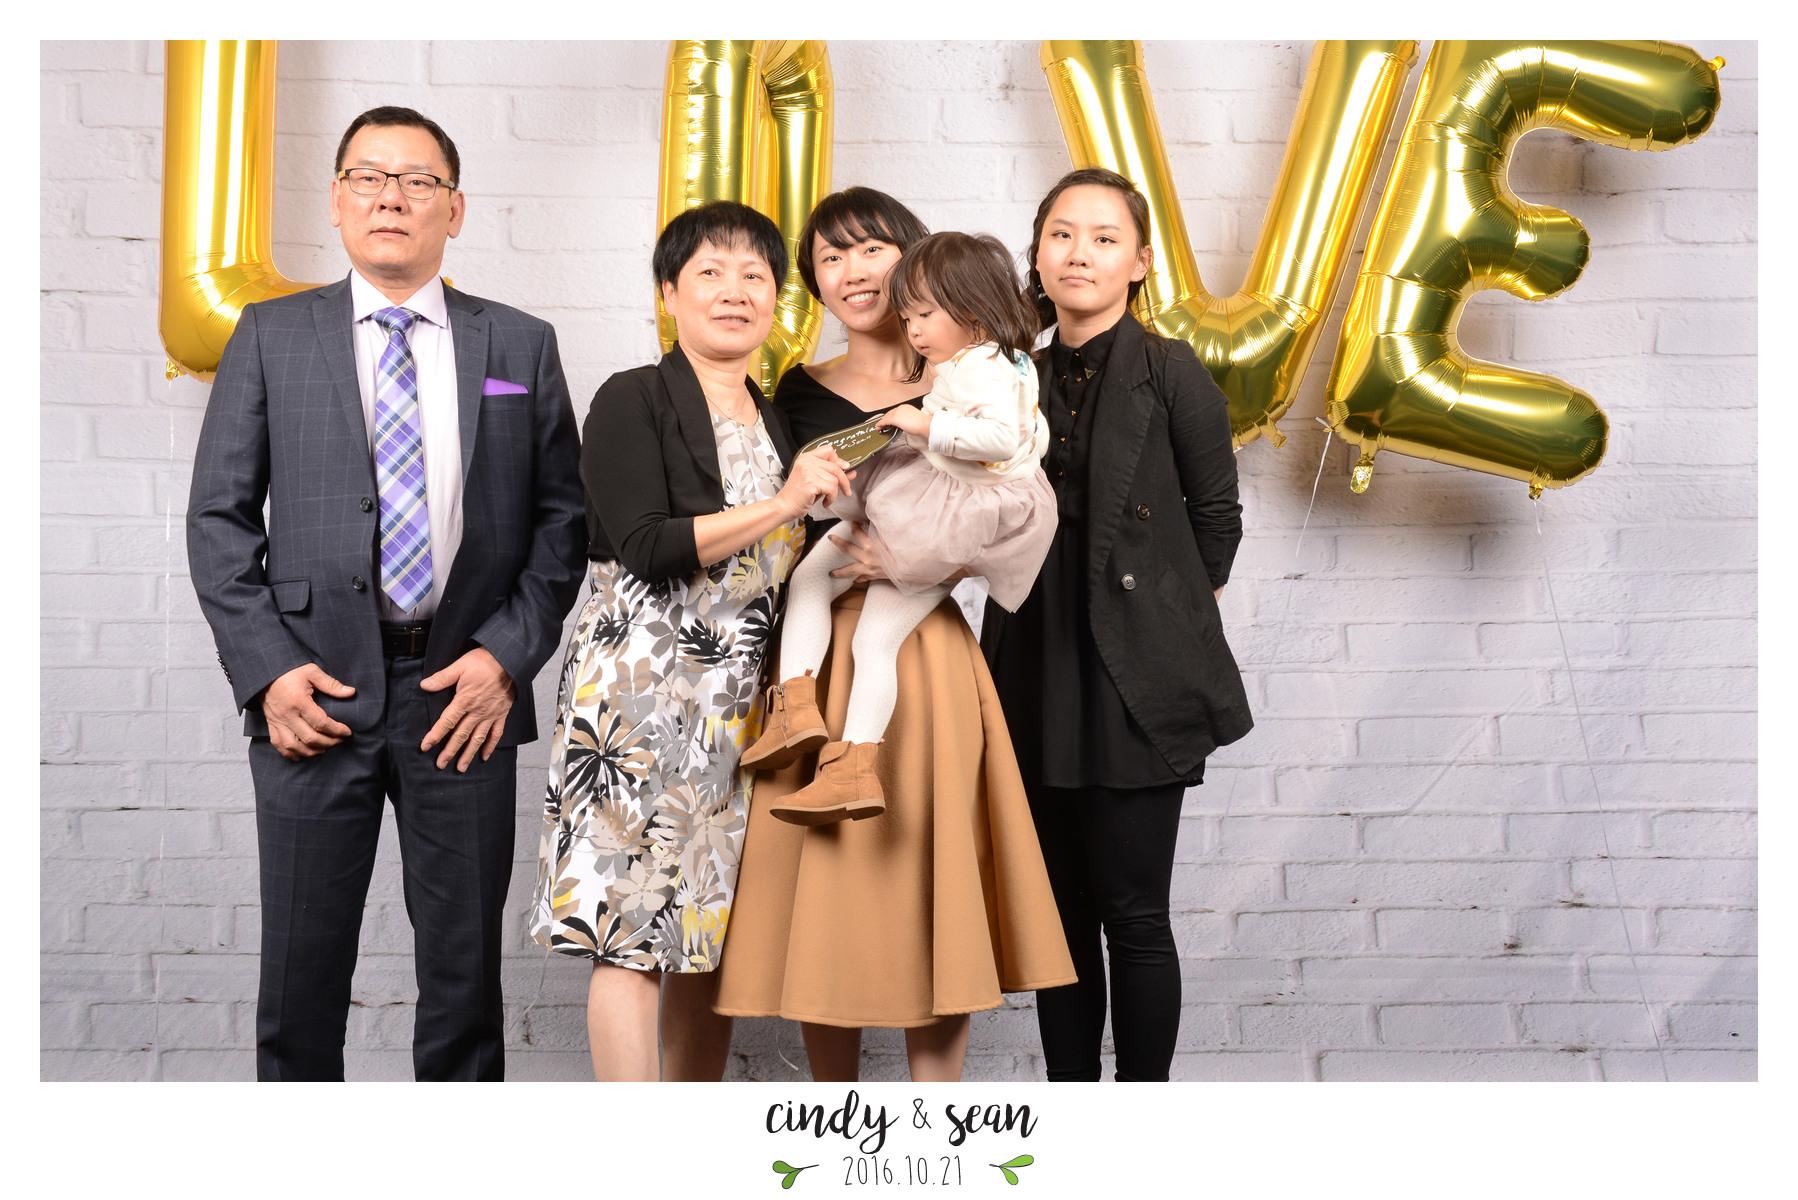 Cindy Sean Bae - 0001-16.jpg